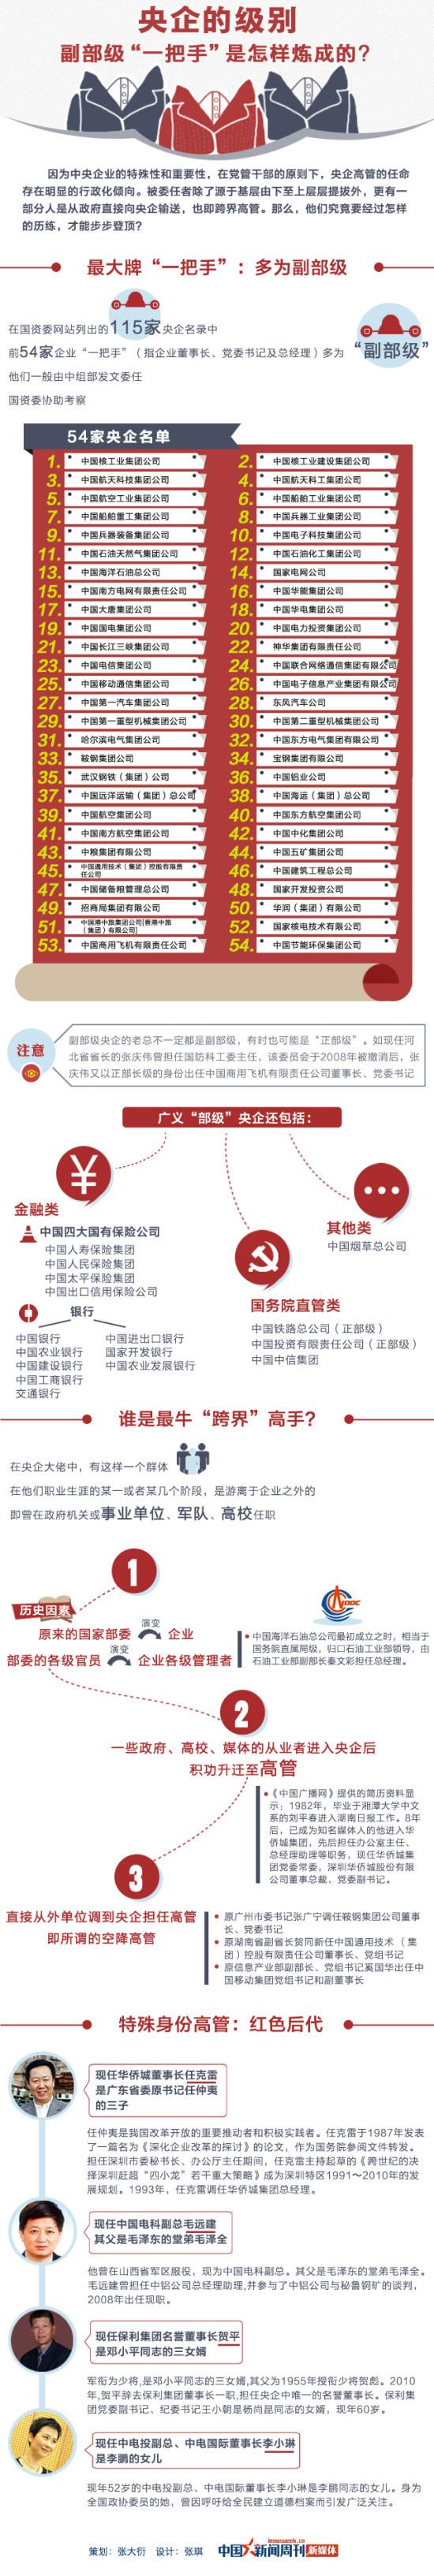 央企高管中的红色后代:保利名誉董事长系邓小平女婿